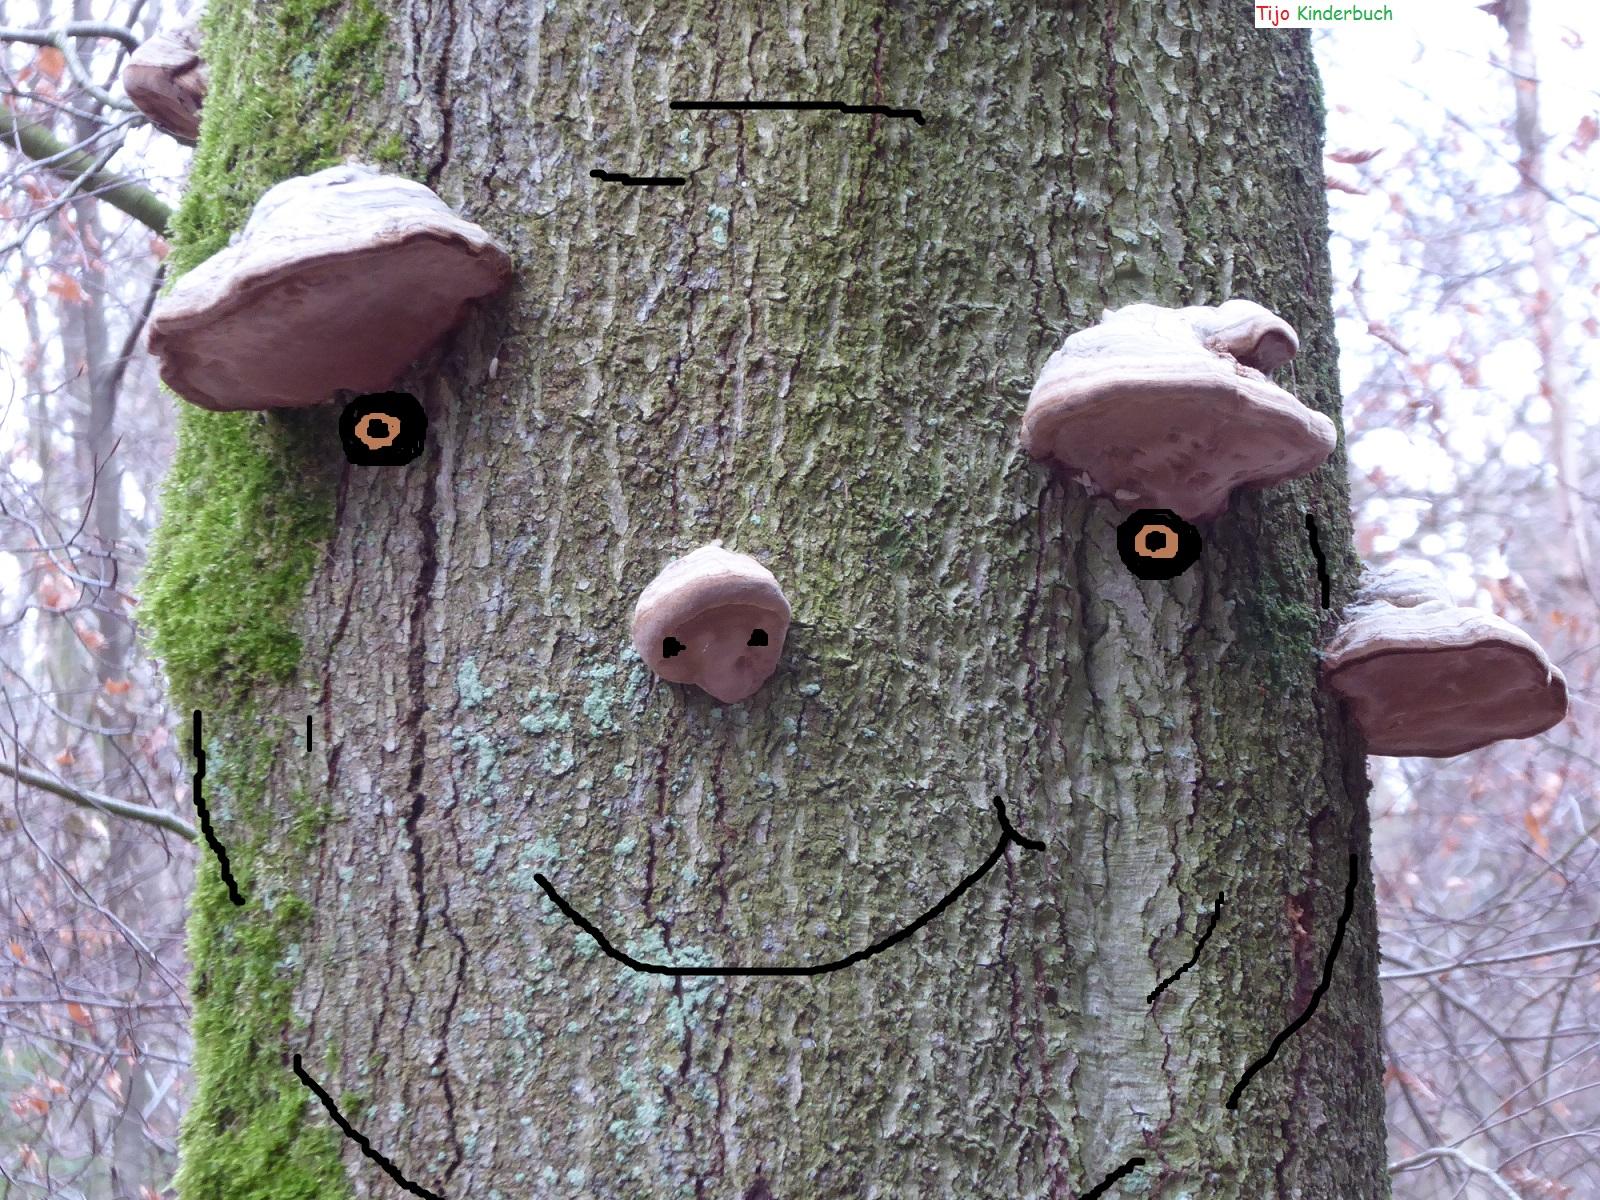 Treesmile, Baumlächeln